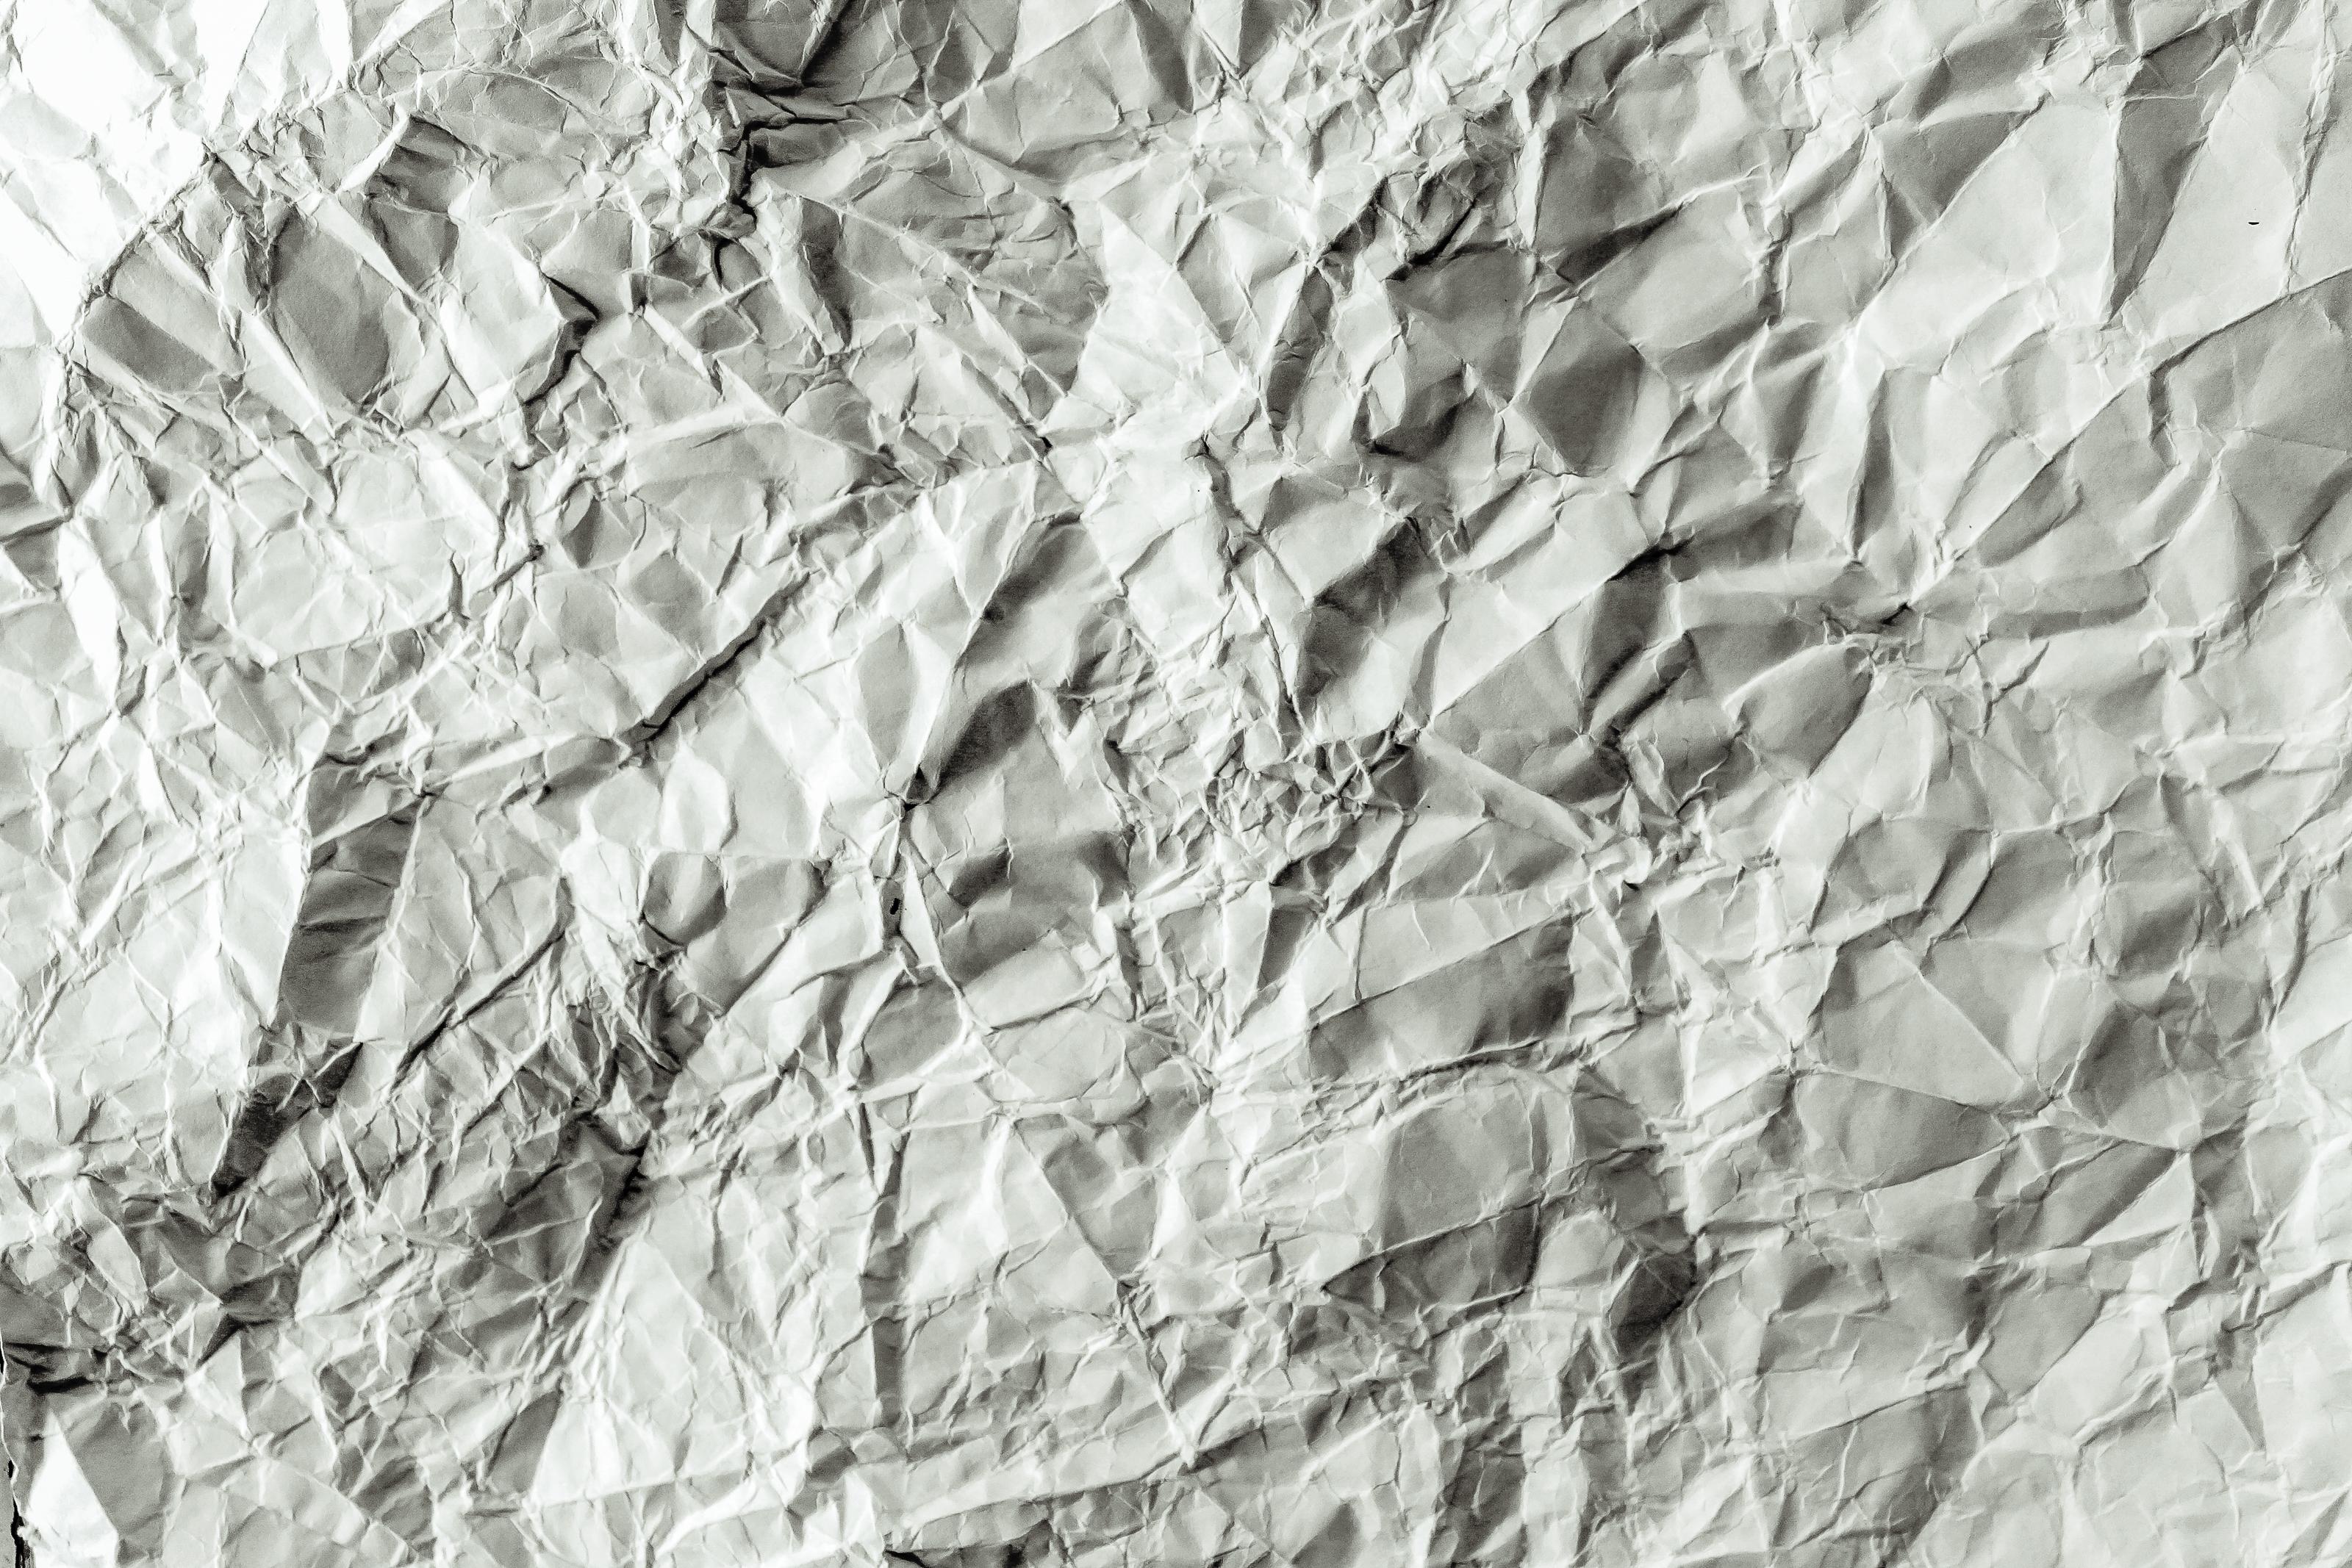 Banco de imagens : papel, Amassado, textura, página, em branco ...